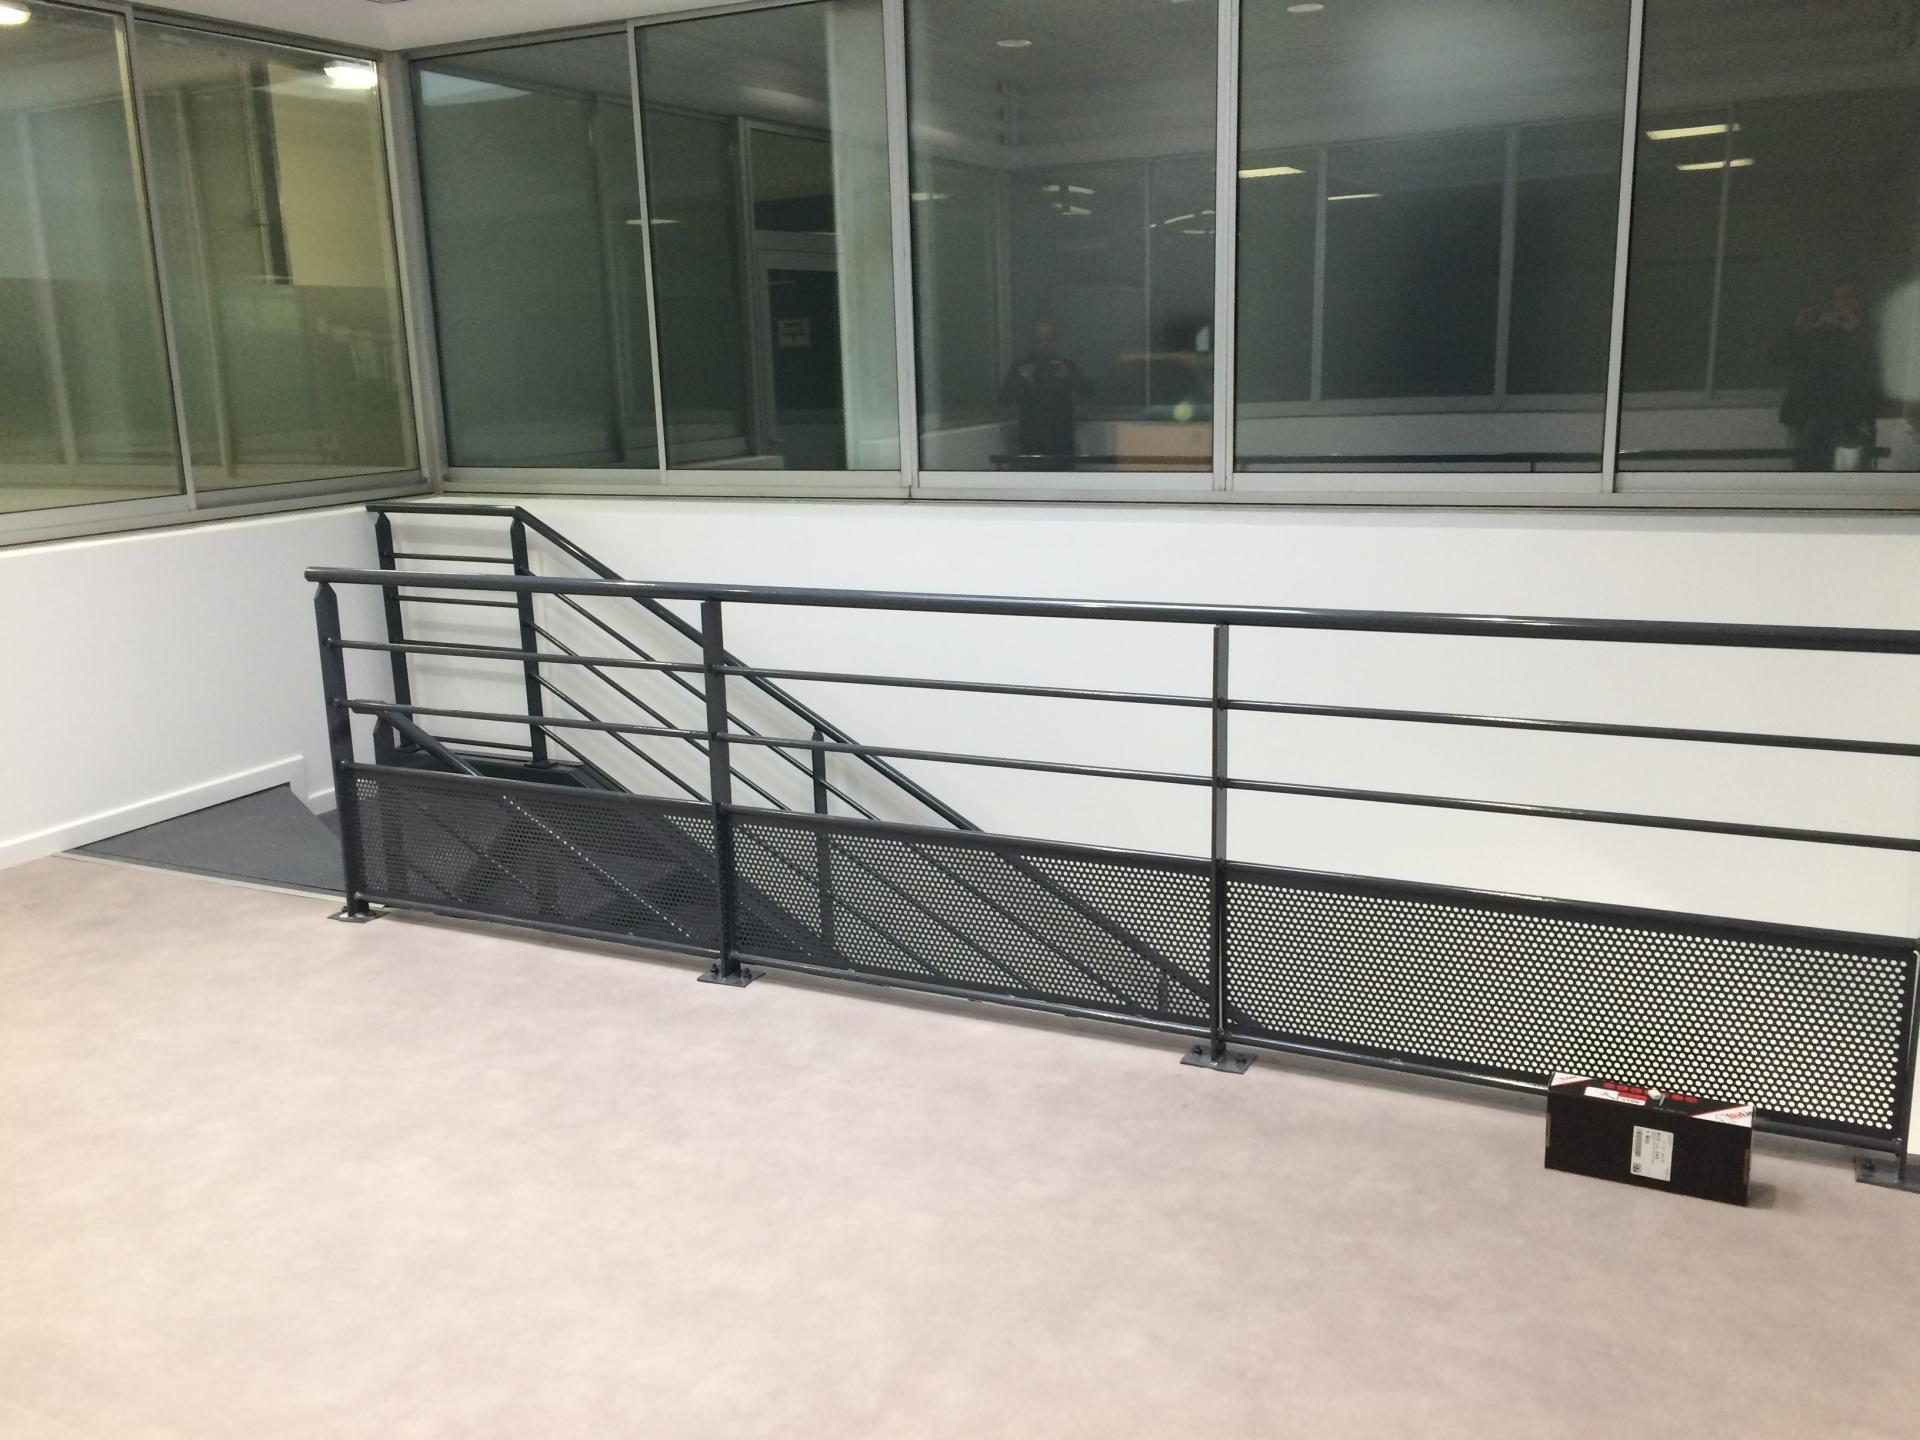 Pose d'un escalier dans les locaux d'une entreprise à Biarritz